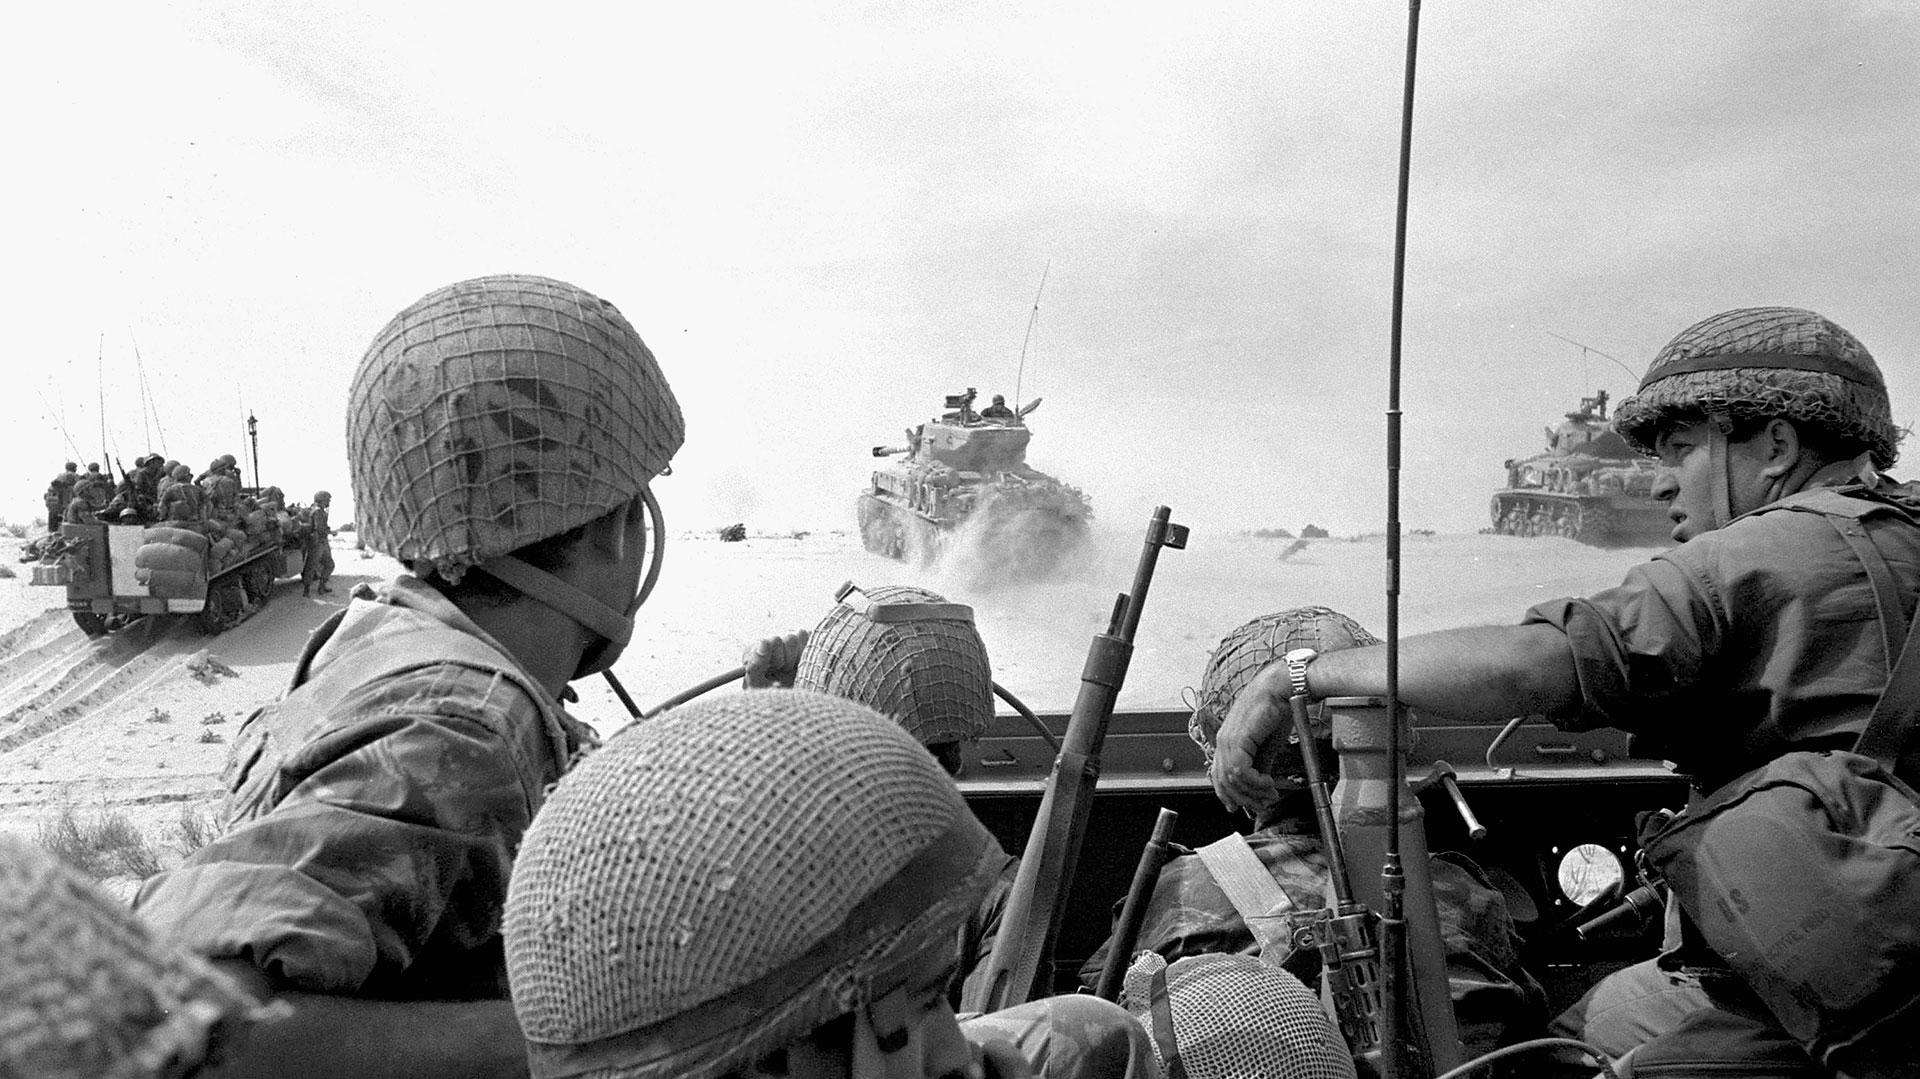 Tropas israelíes avanzan contra el ejército egipcio cerca de la franja de Gaza, al comienzo de la Guerra de los Seis Días (Getty)